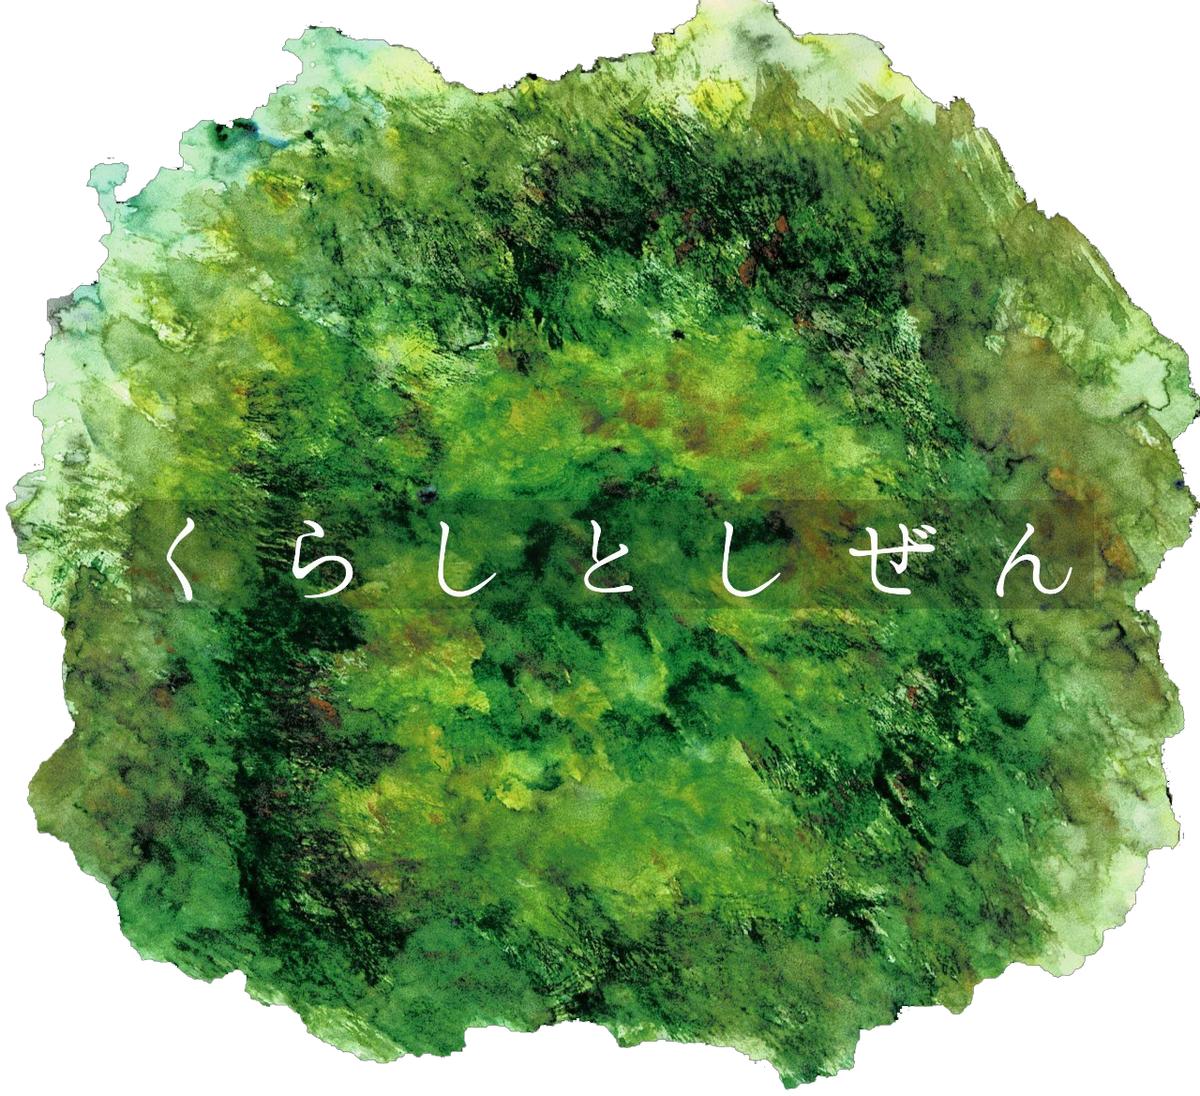 f:id:kika-treeflower:20210124112153p:plain